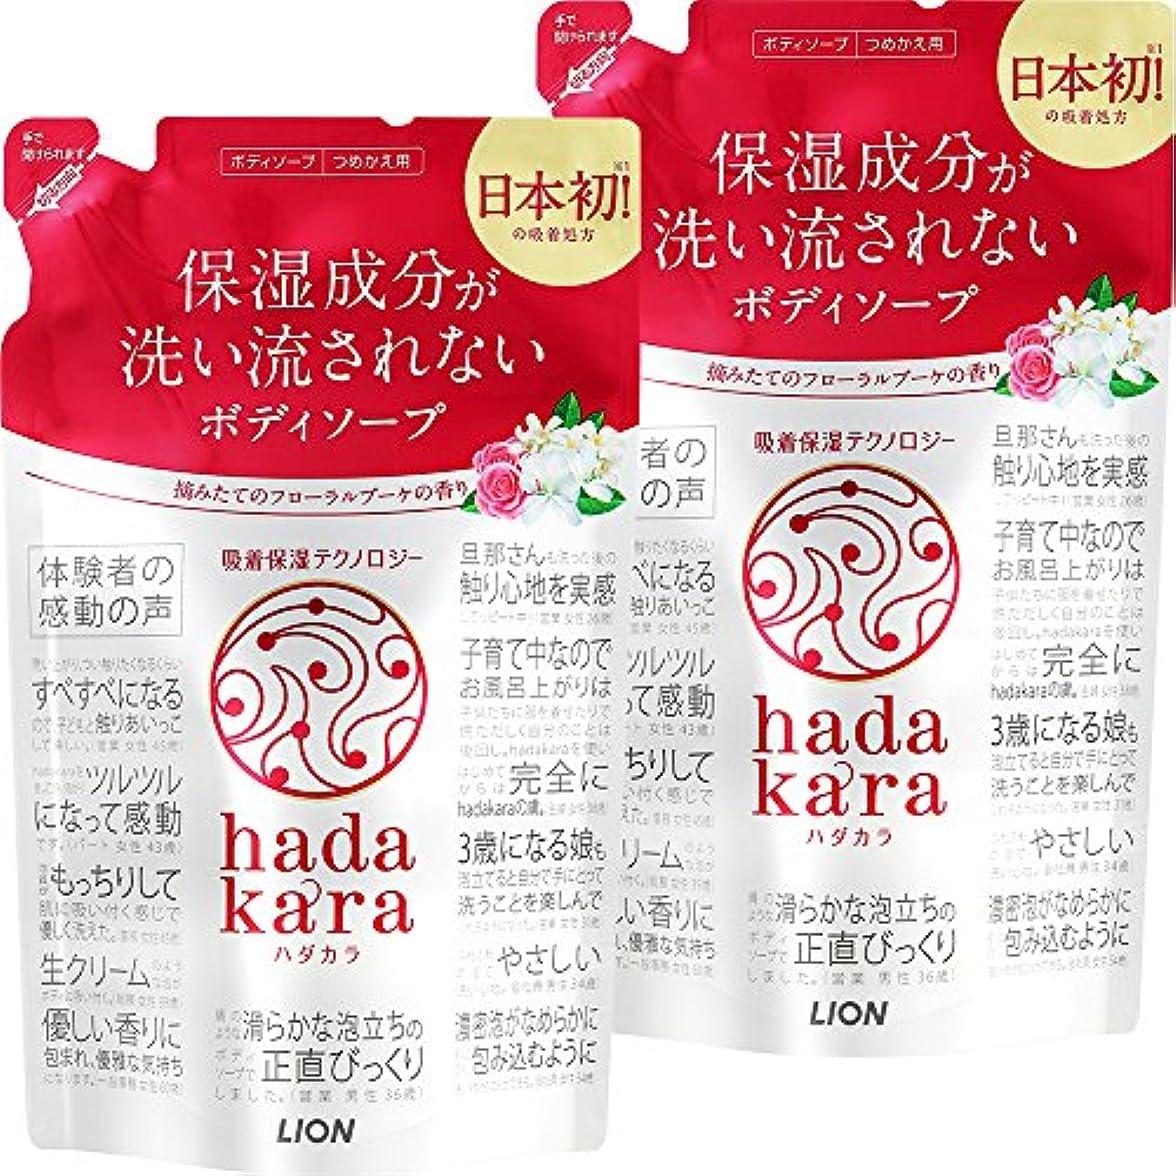 まとめ買い hadakara(ハダカラ) ボディソープ フレッシュフローラルの香り 詰め替え 360ml×2個パック フローラルブーケ